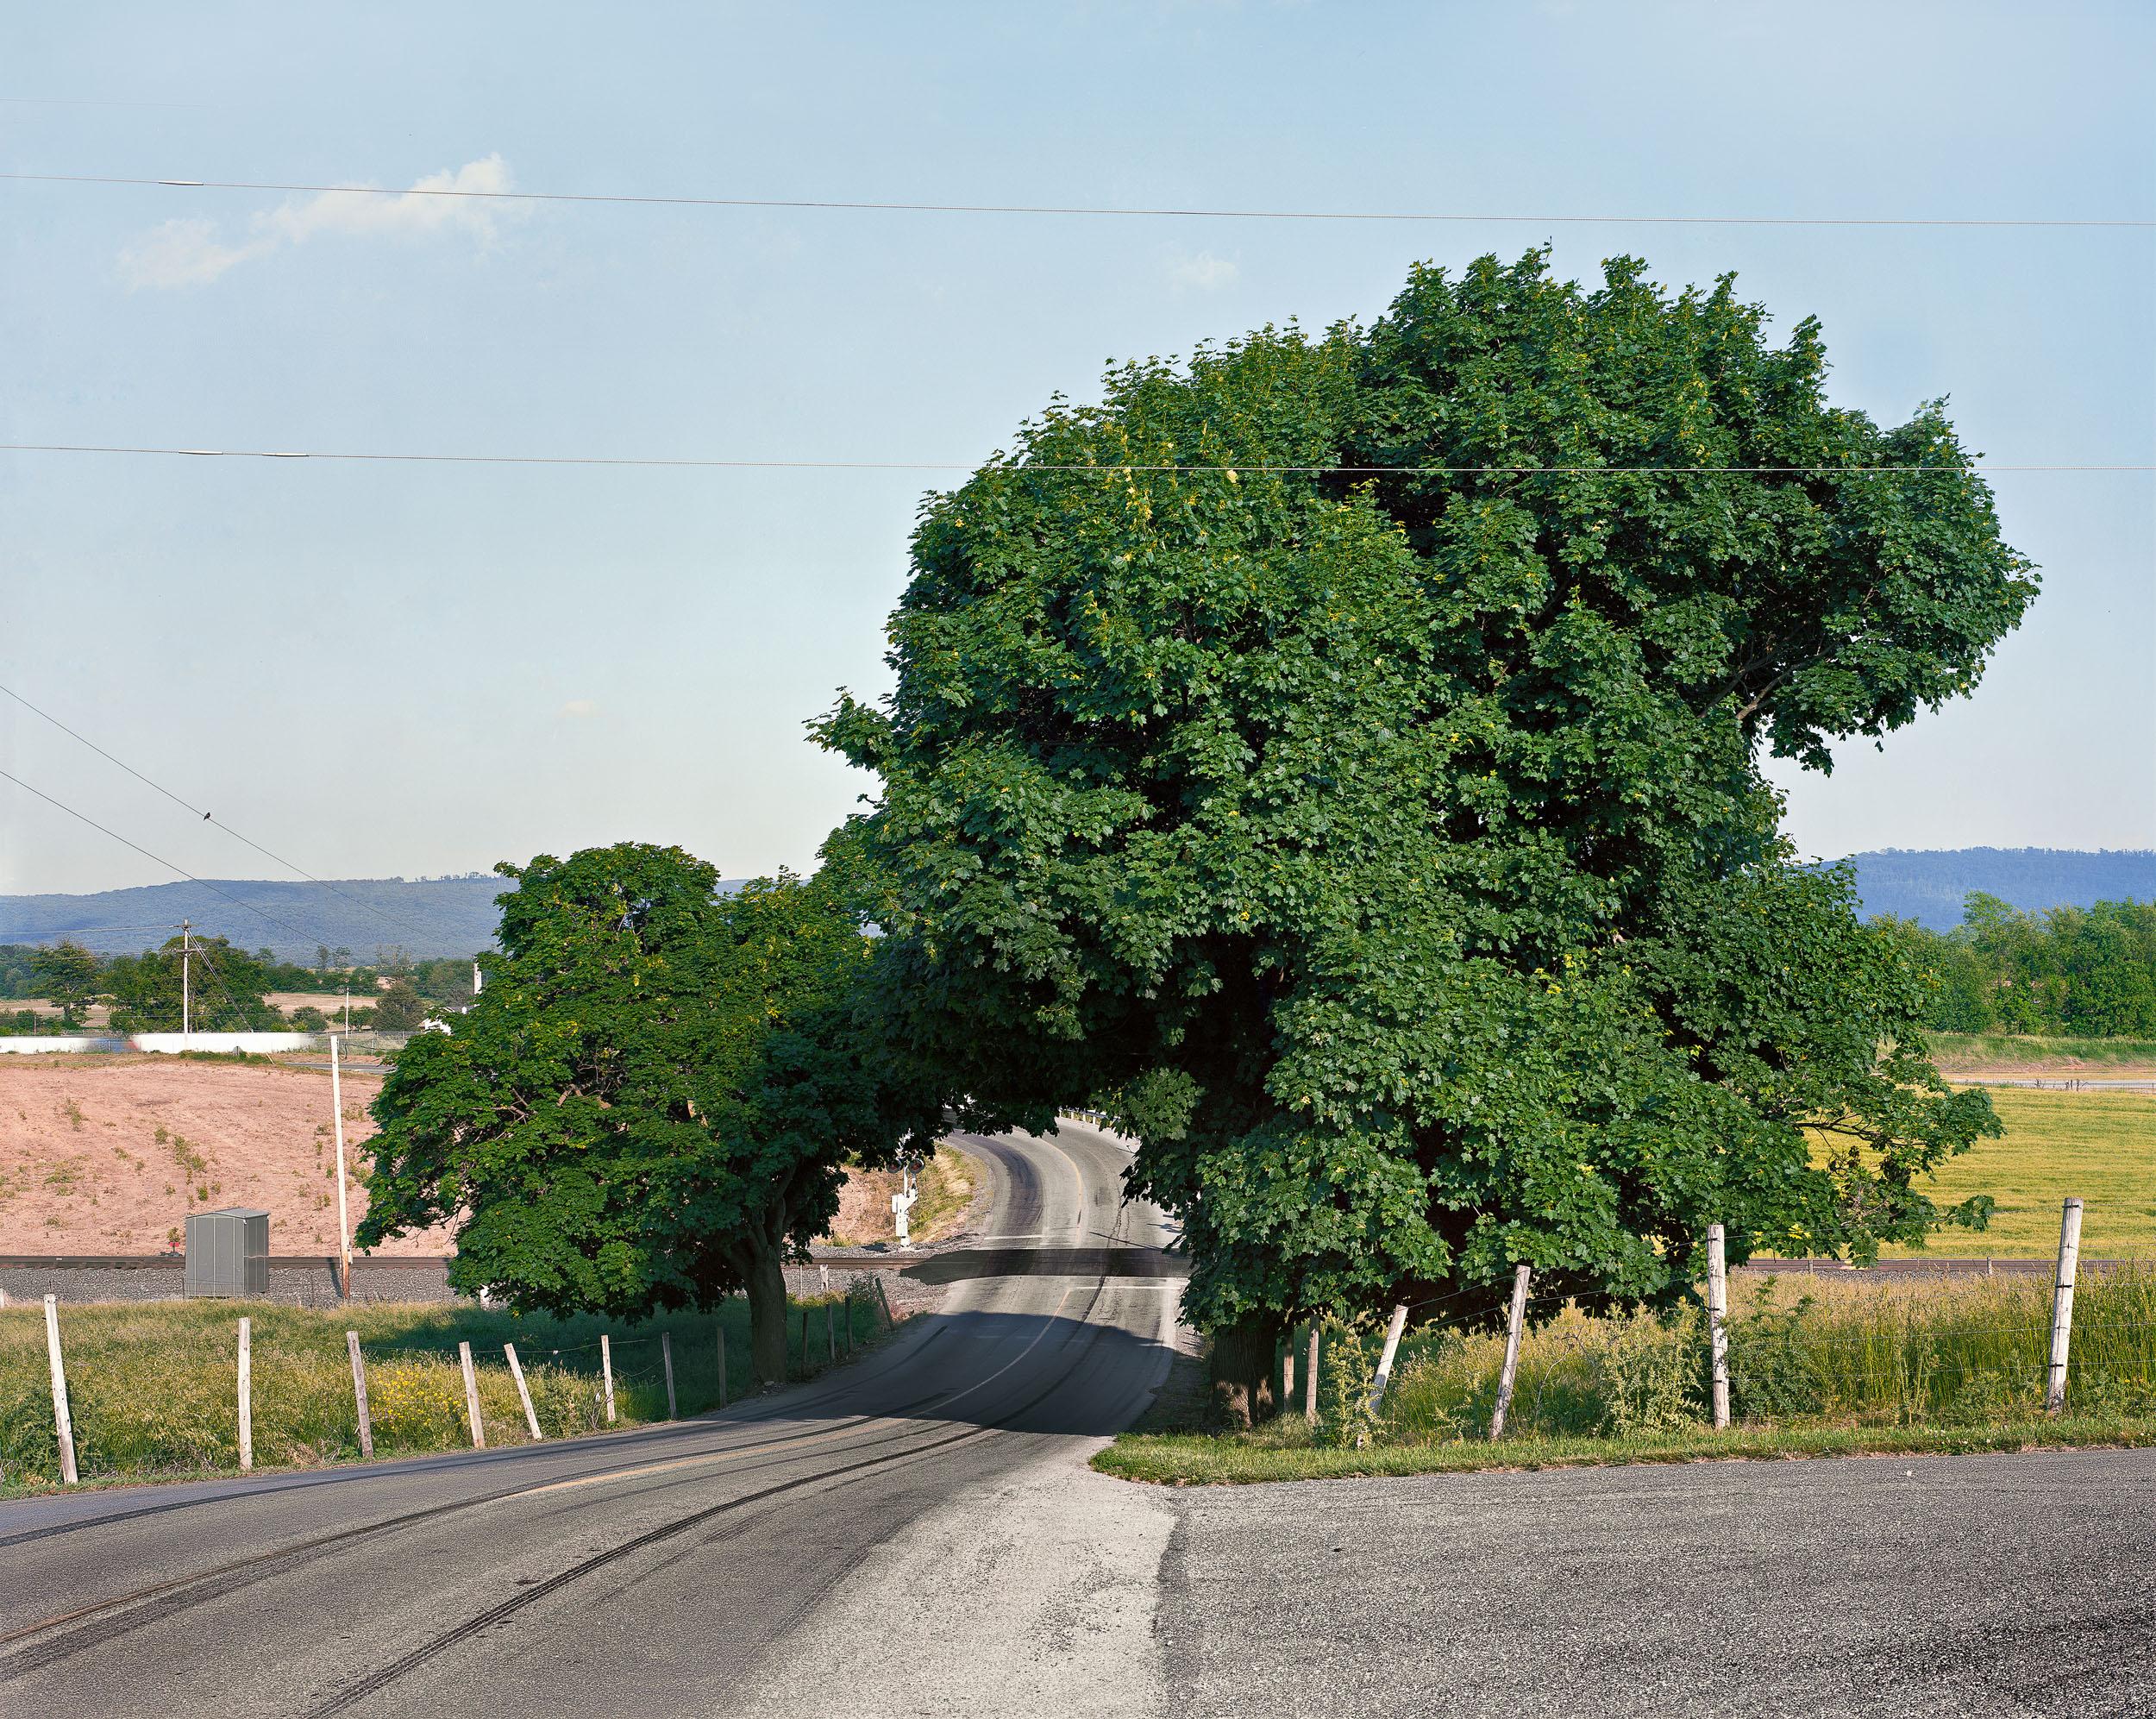 Tree along I-80, Maryland